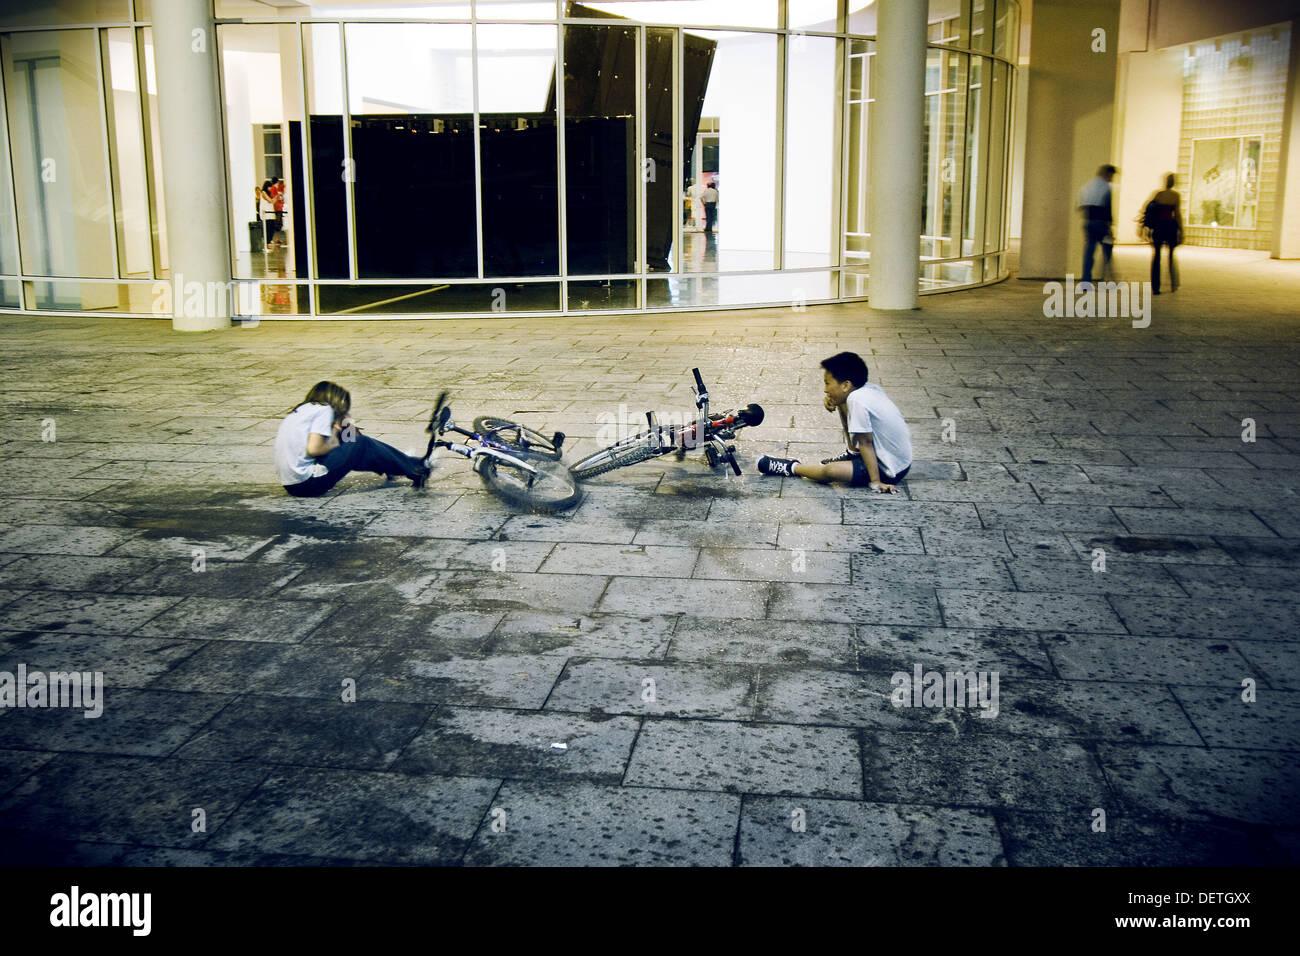 Choque amoroso de dos bicicletas detrás del MACBA de Barcelona, Cataluña, España - Stock Image